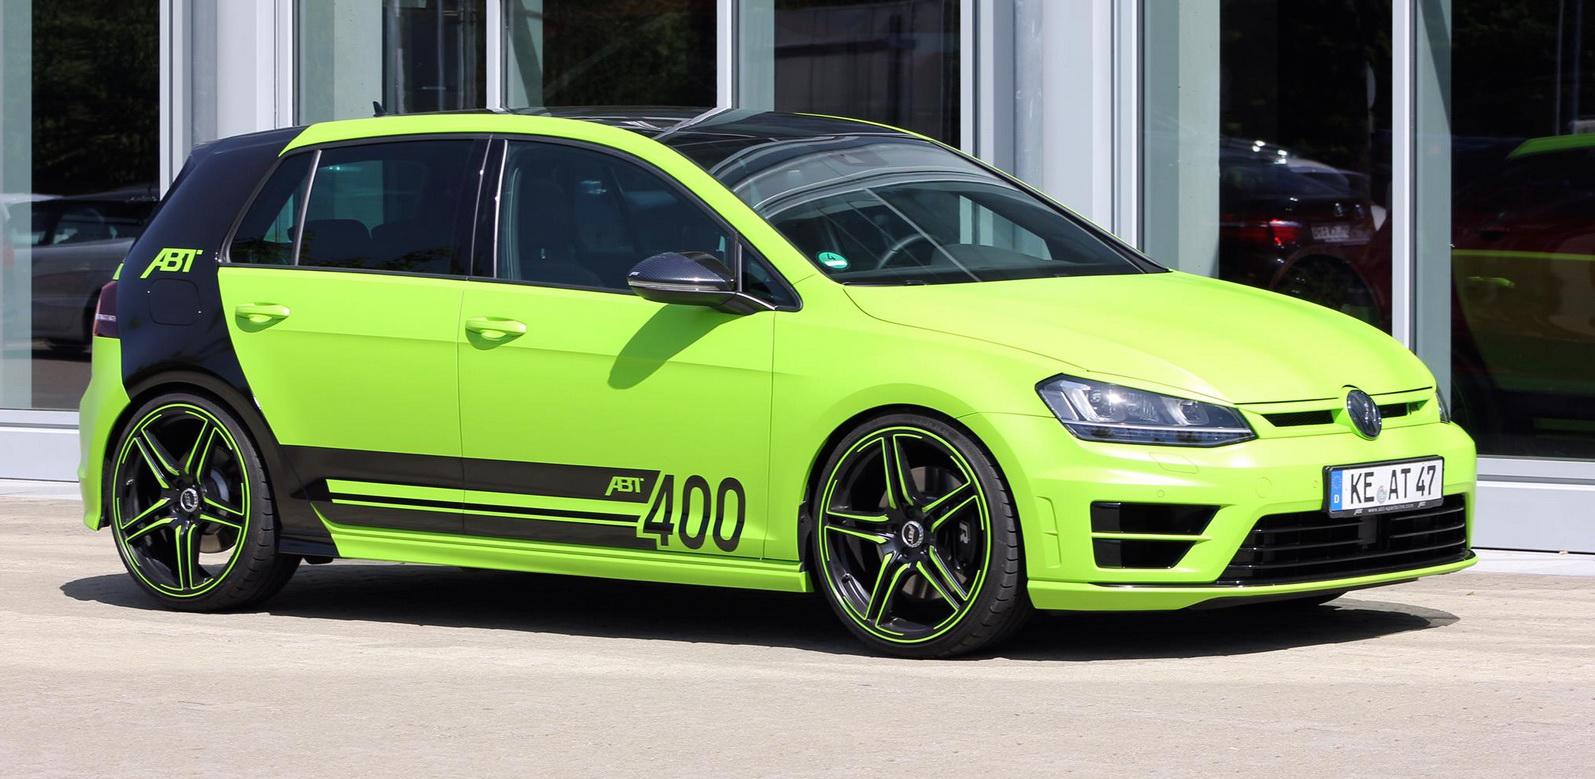 Volkswagen Tuning Abt Tuned Volkswagen Golf R Abt 400